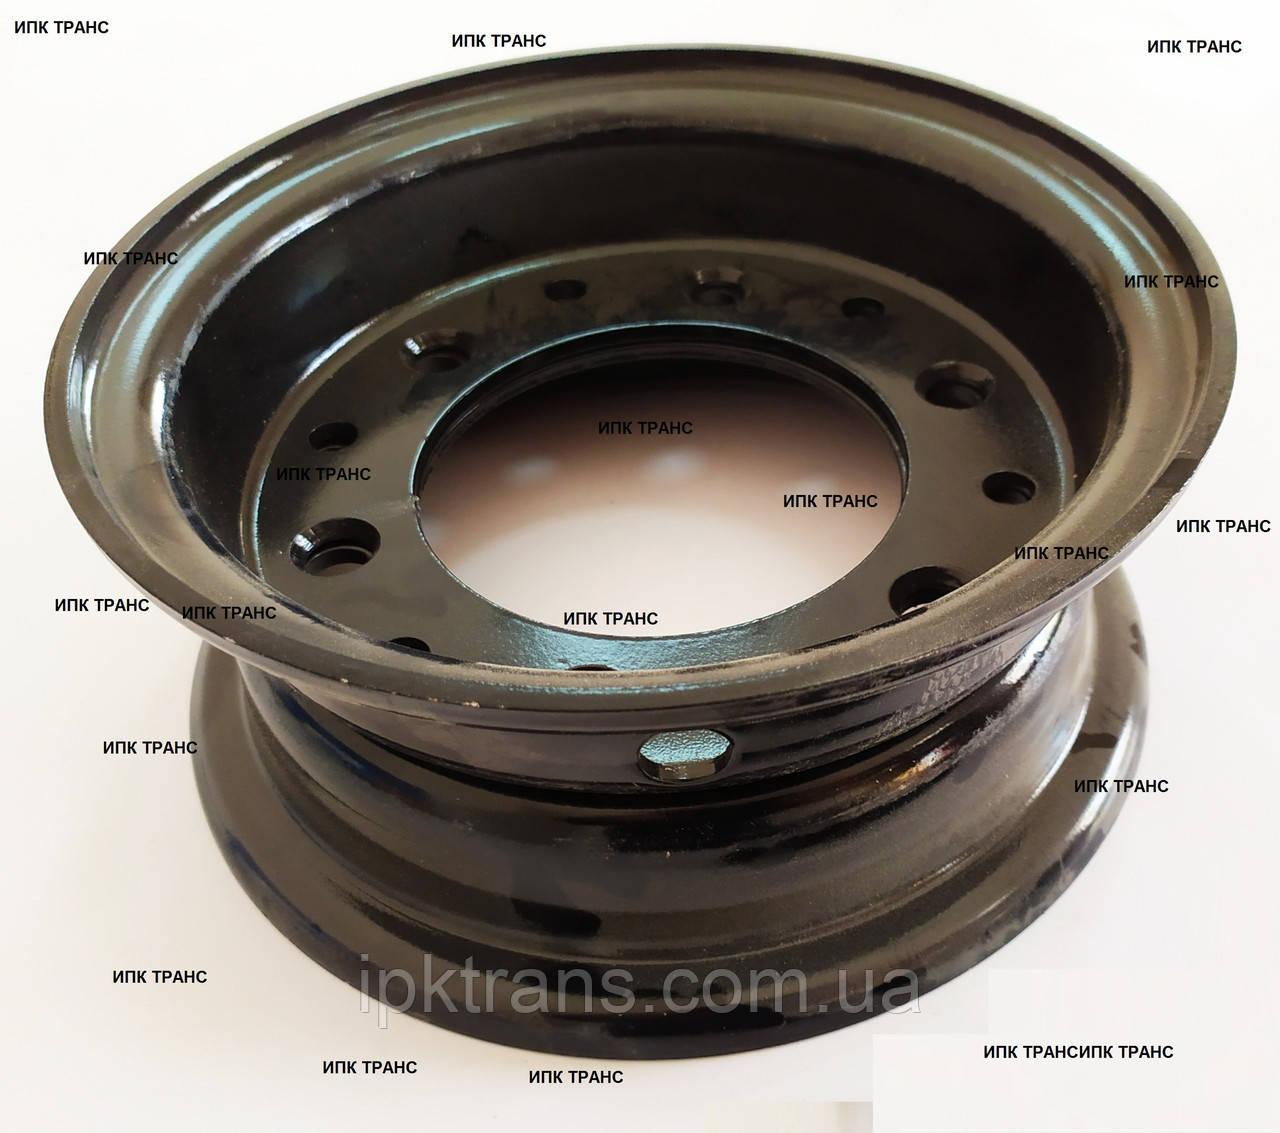 Диск колесный 5.00-8 погрузчика Toyota 6FG15  441081048171,  44108-10481-71